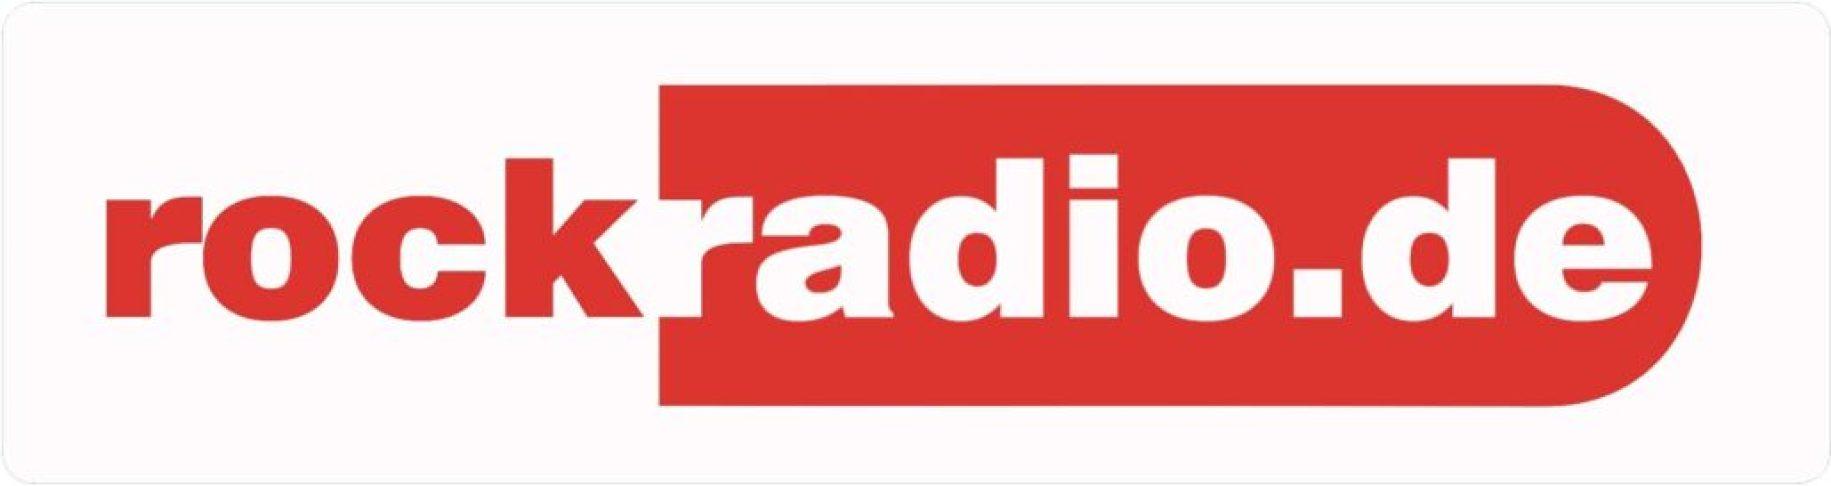 Banner Rockradio.de